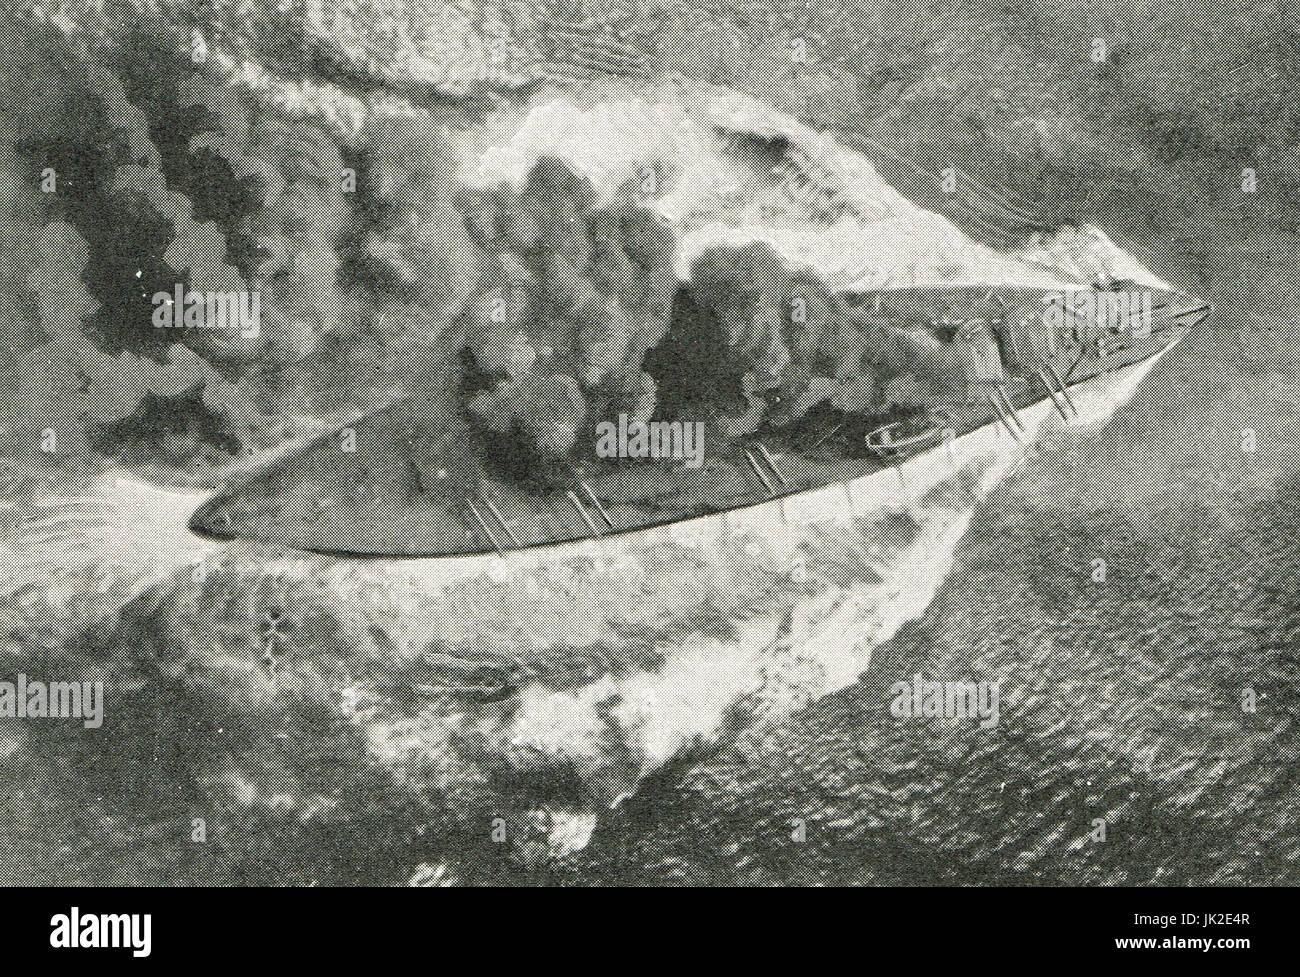 Smokescreen seen from a Kite Balloon above HMS Erin - Stock Image